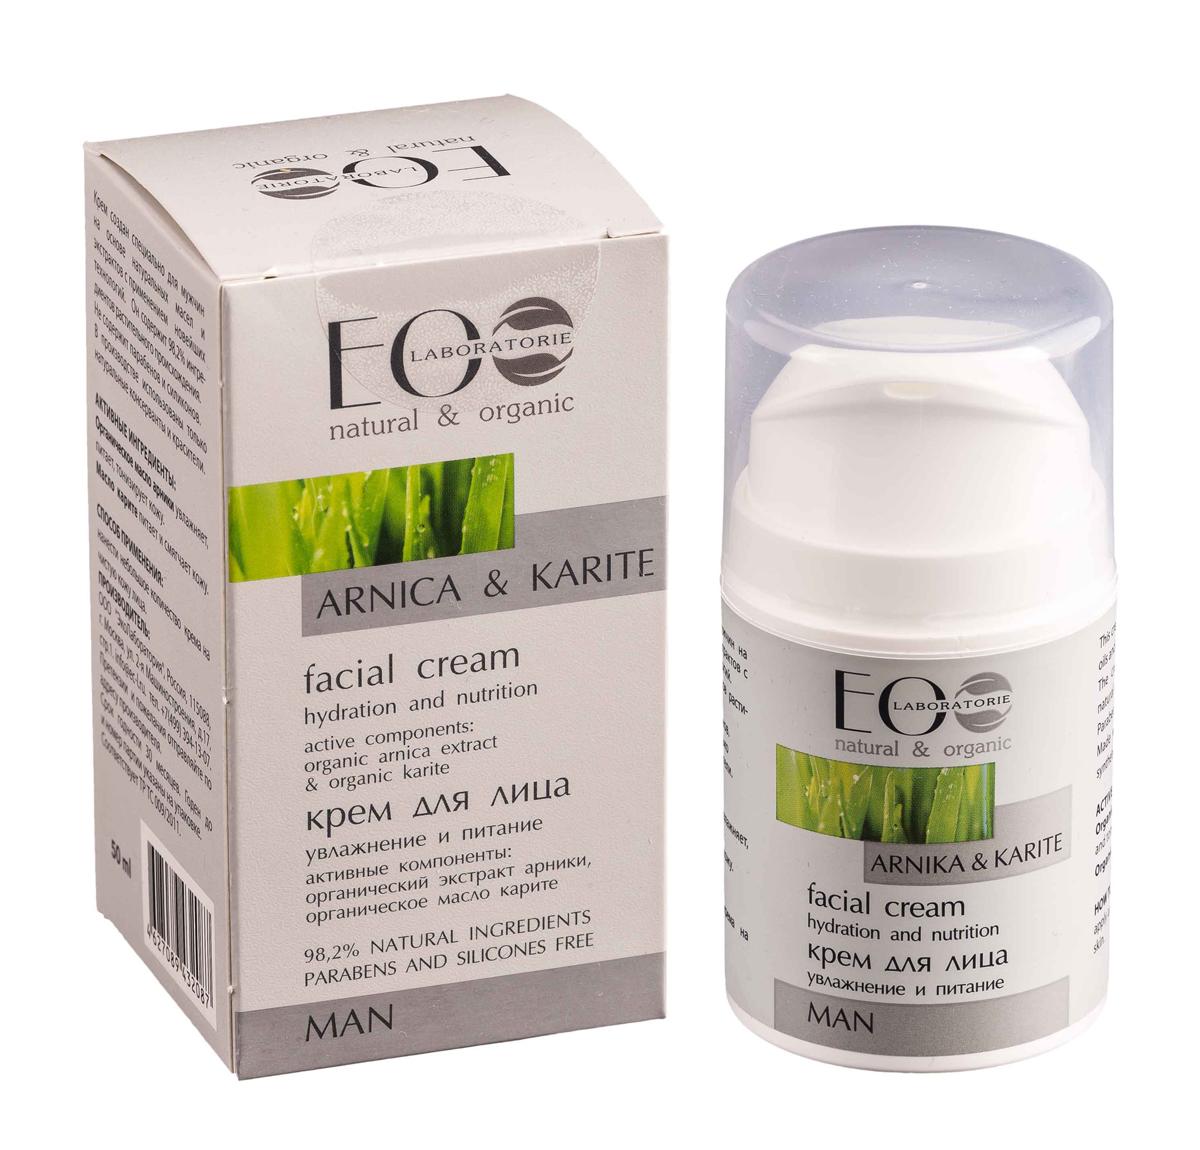 EO laboratorie Крем для лица (глубокое увлажнение и питание) 50 мл4627089432087Он содержит 98,2% ингредиентов растительного происхождения. Не содержит парабенов и силиконов. В производстве использованы только натуральные консерванты и красители. АКТИВНЫЕ ИНГРЕДИЕНТЫ: Органическое масло арники увлажняет, питает, тонизирует кожу. Масло карите питает и смягчает кожу.